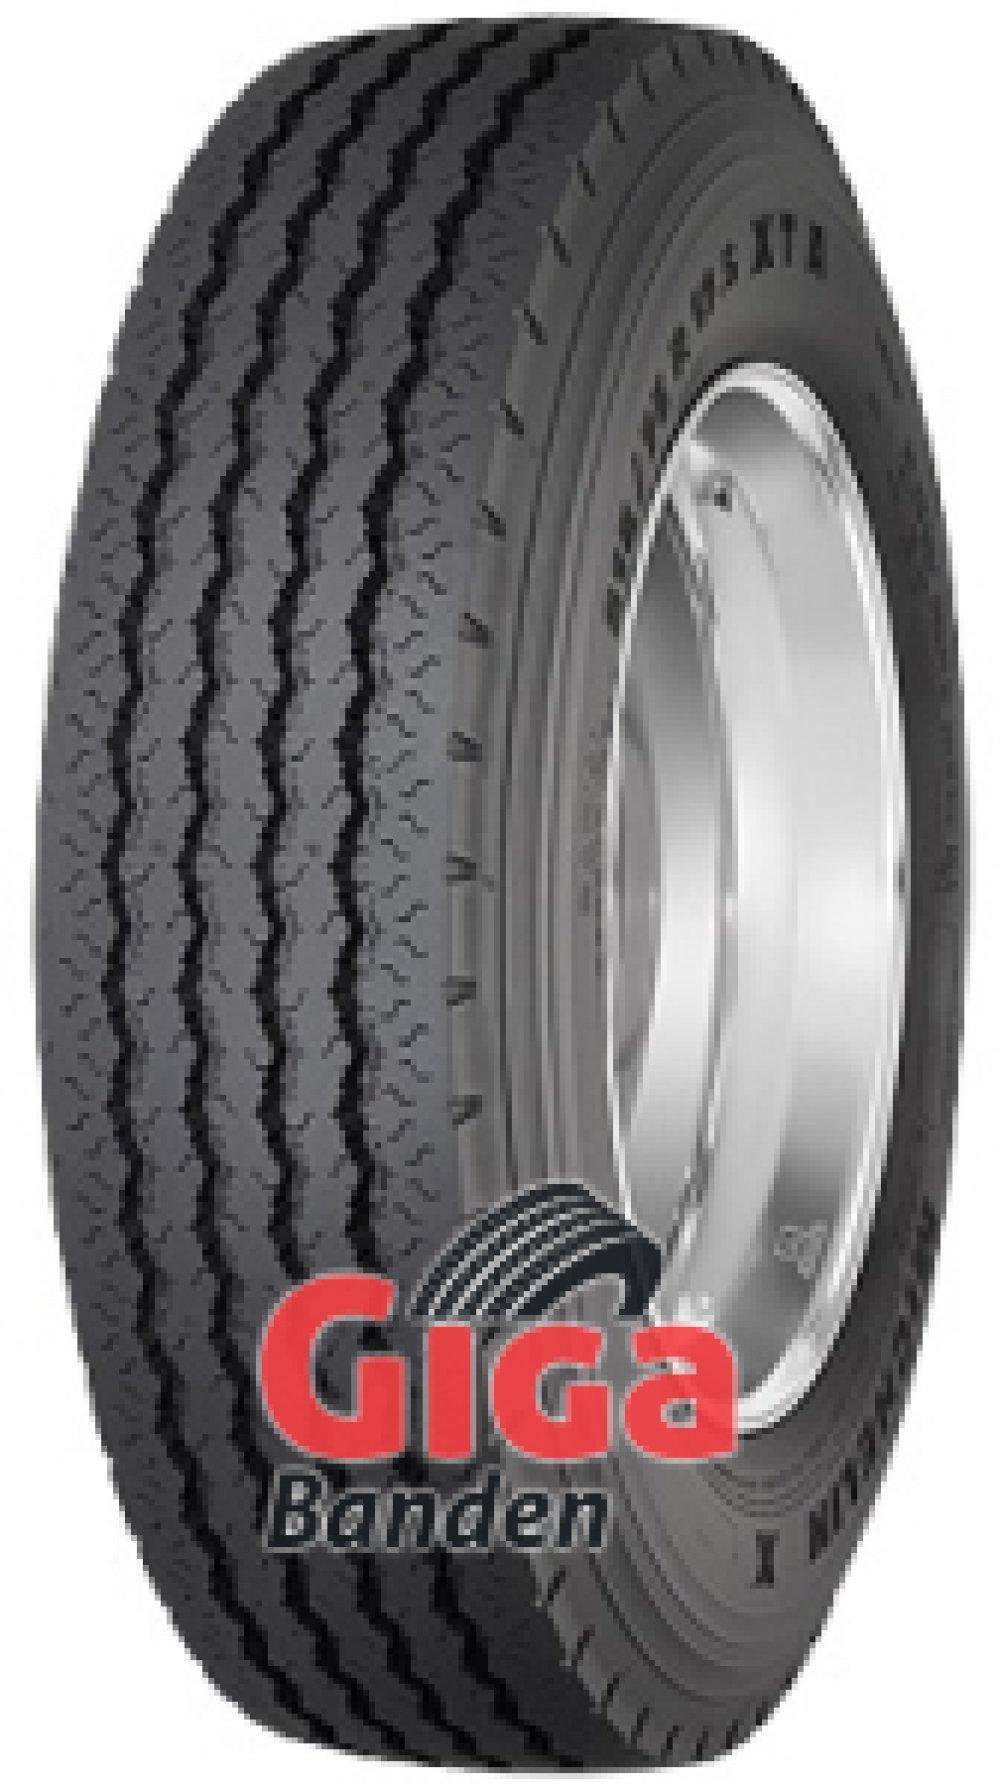 Michelin XTA ( 6.00 R9 109/108F Dubbel merk 95/955 95, Doppelkennung 95/95J )